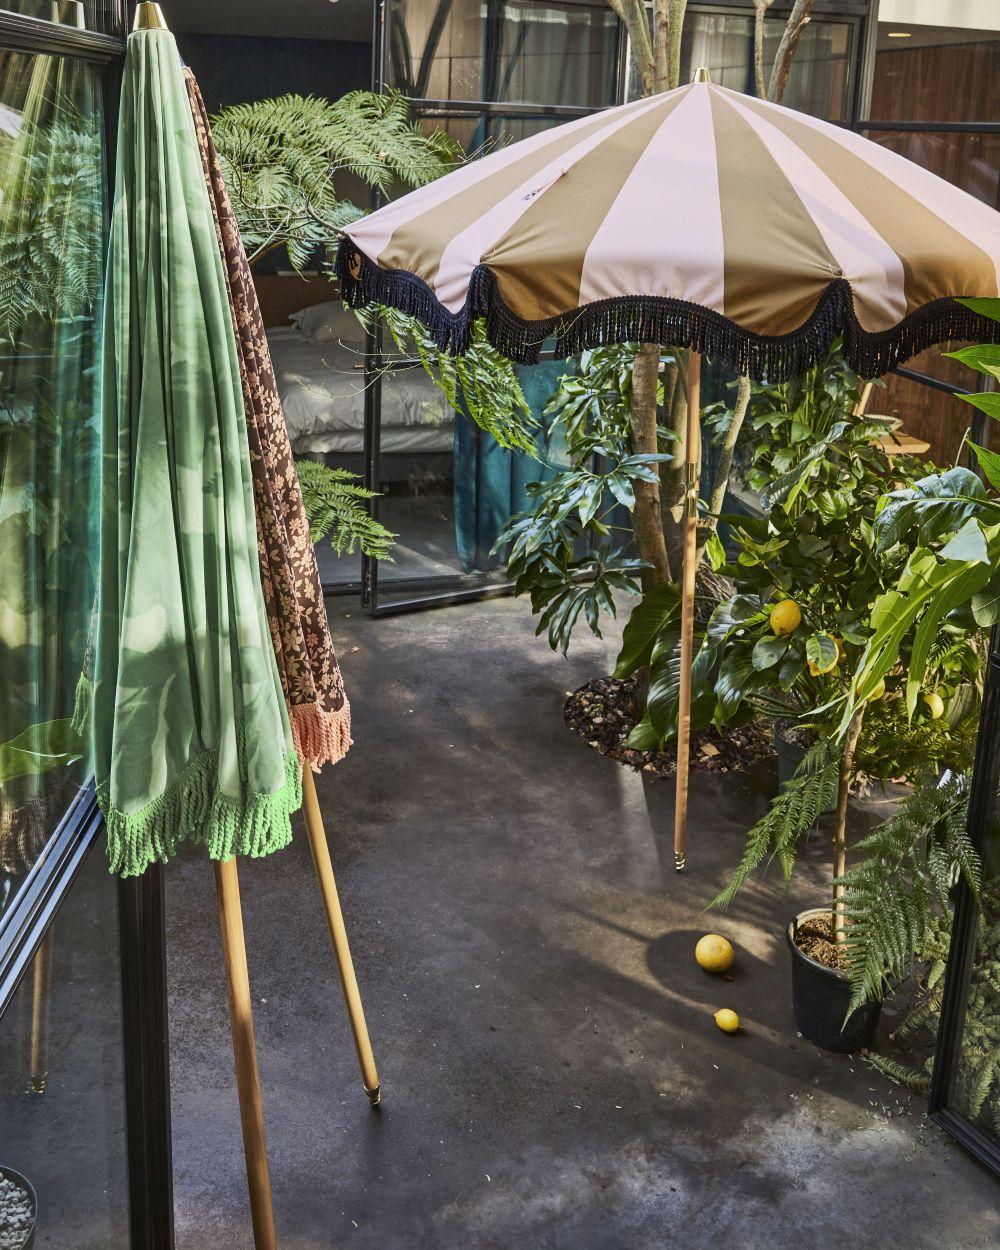 parasole przeciwsłoneczne